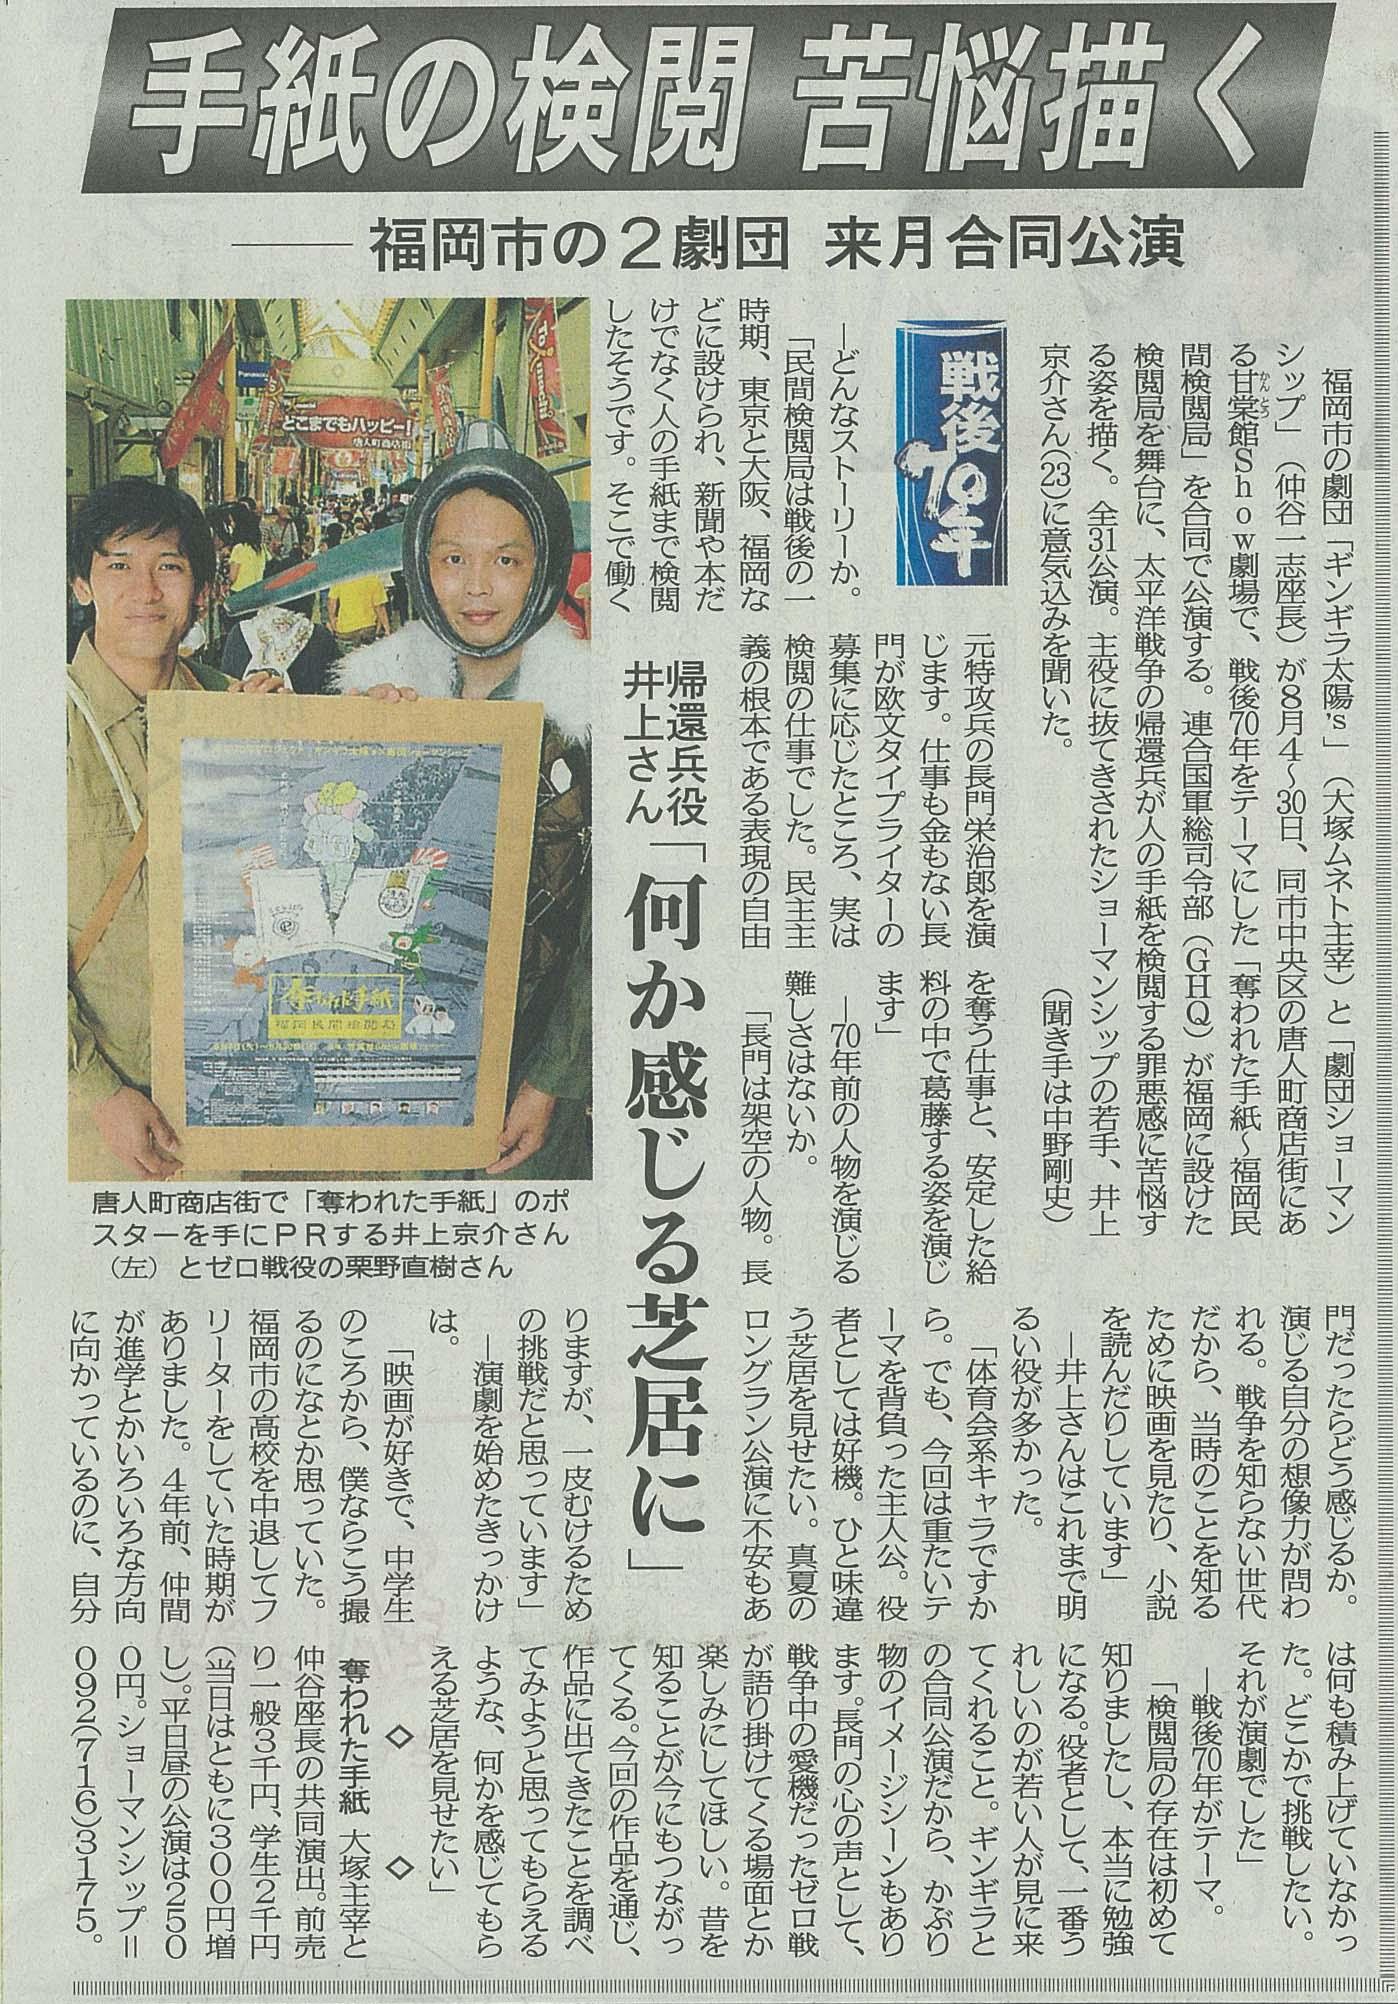 2015年 7月21日(火)付 西日本新聞